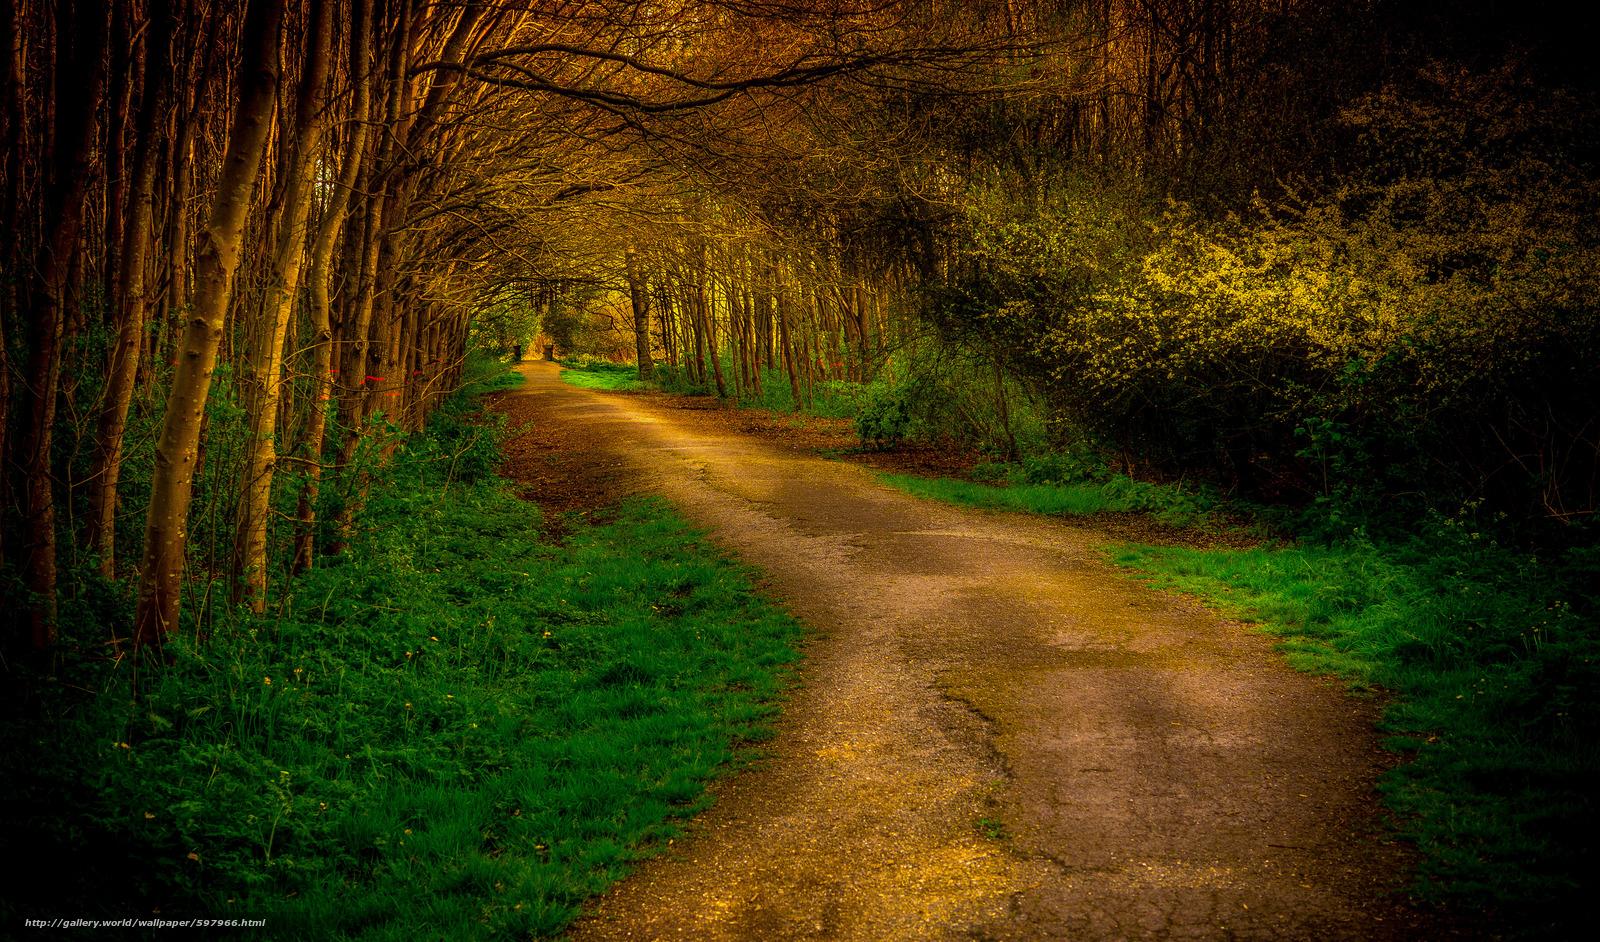 下载壁纸 森林,  树,  道路,  景观 免费为您的桌面分辨率的壁纸 5476x3223 — 图片 №597966